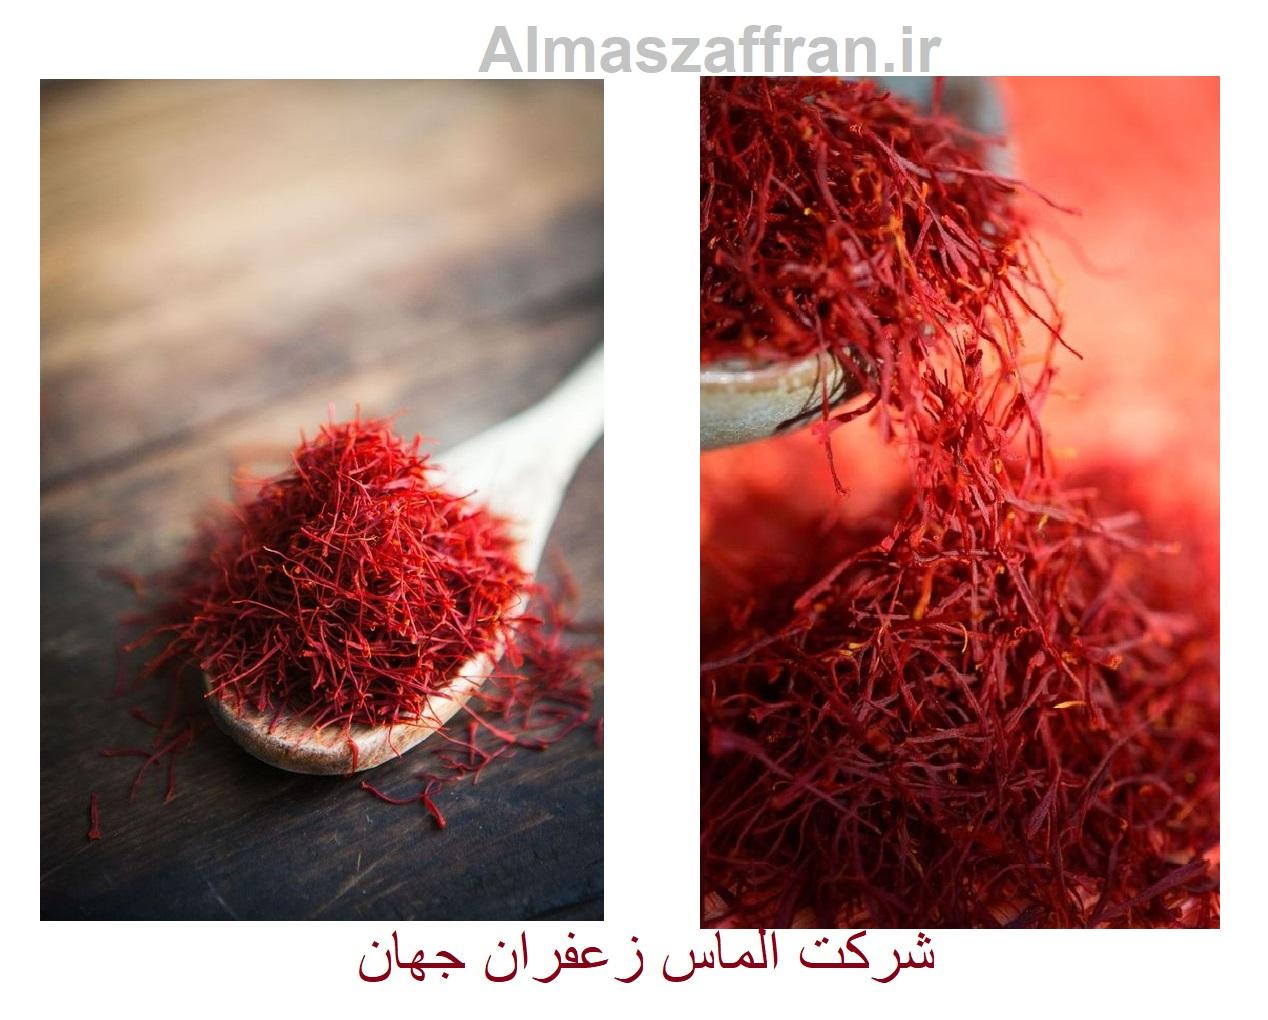 جدول مقایسه واردات زعفران